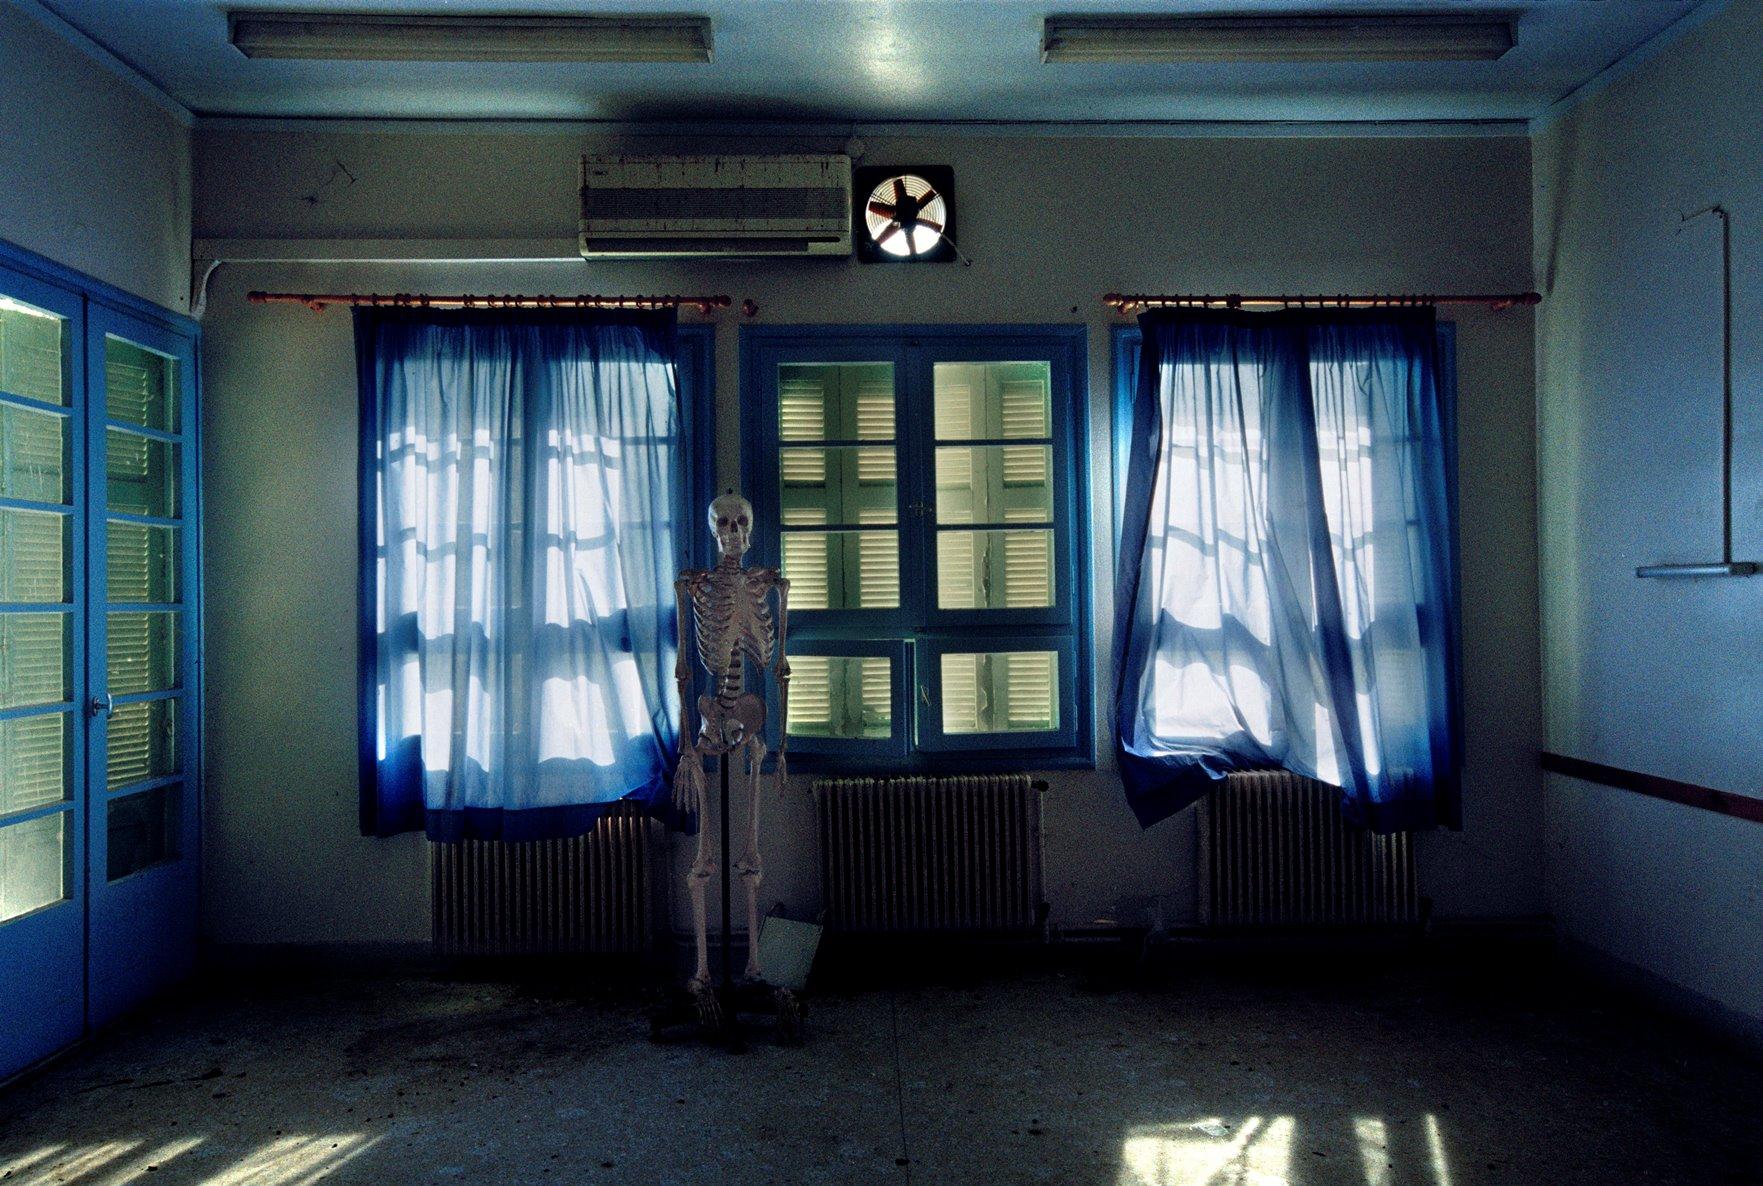 Ψυχιατρείο. Χανιά, Κρήτη 2010